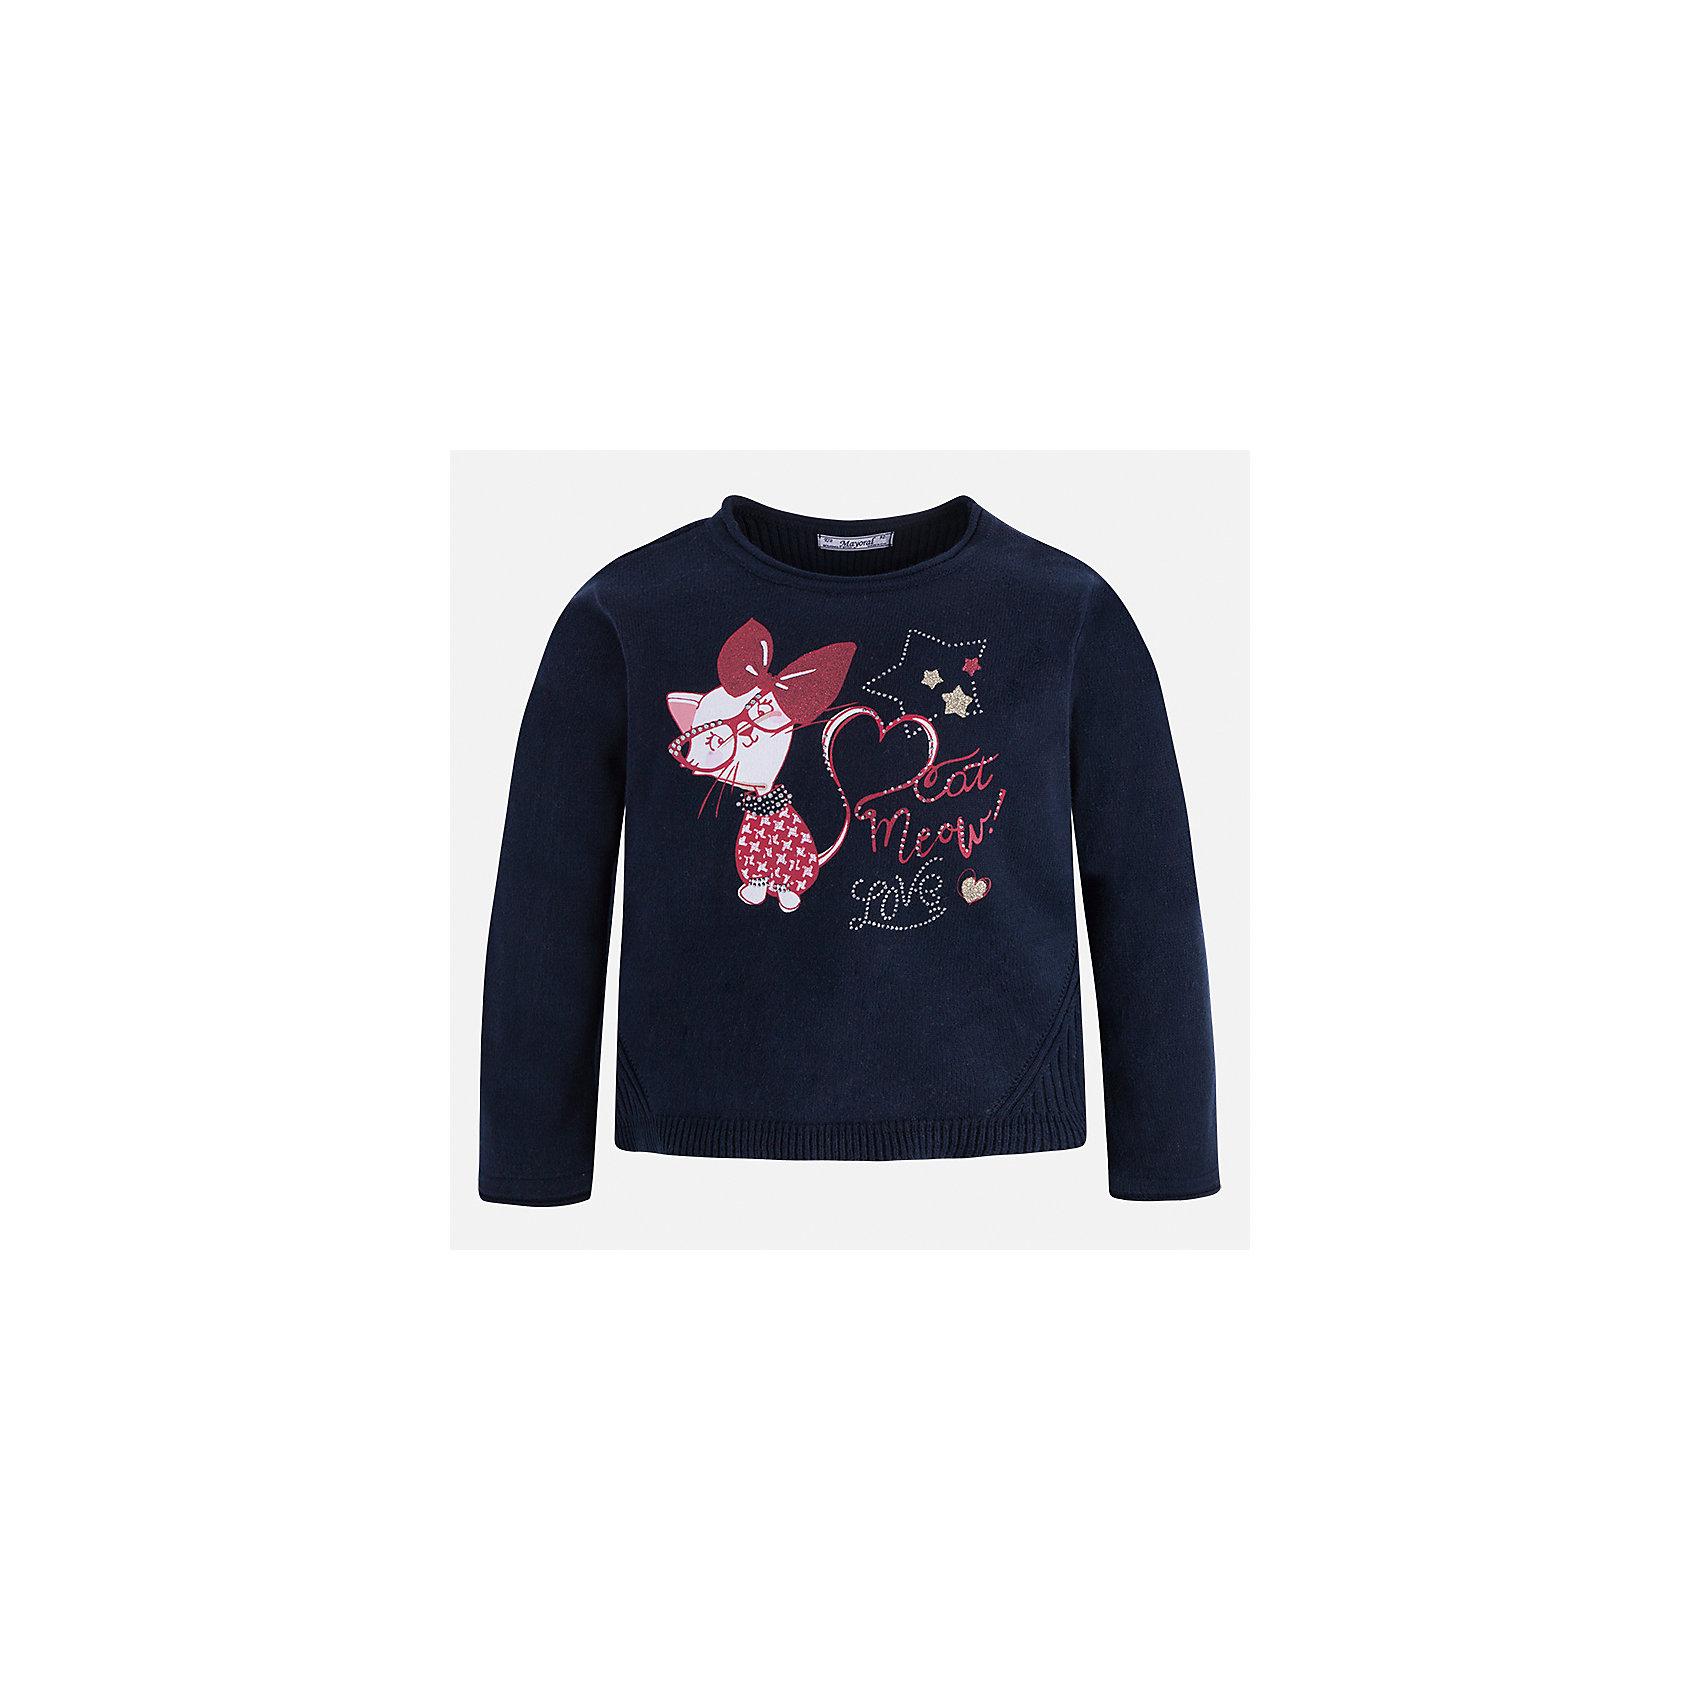 Свитер для девочки MayoralСвитера и кардиганы<br>Характеристики товара:<br><br>• цвет: черный<br>• состав ткани: 55% хлопок, 45% акрил<br>• сезон: круглый год<br>• стразы<br>• длинные рукава<br>• страна бренда: Испания<br>• страна изготовитель: Индия<br><br>Стильный вязаный черный свитер от Майорал - это пример отличного вкуса. Он сделан из приятной на ощупь пряжи. Такой свитер для девочки обеспечит ребенку комфорт и модный внешний вид. <br><br>В одежде от испанской компании Майорал ребенок будет выглядеть модно, а чувствовать себя - комфортно. Целая команда европейских талантливых дизайнеров работает над созданием стильных и оригинальных моделей одежды.<br><br>Свитер для девочки Mayoral (Майорал) можно купить в нашем интернет-магазине.<br><br>Ширина мм: 190<br>Глубина мм: 74<br>Высота мм: 229<br>Вес г: 236<br>Цвет: черный<br>Возраст от месяцев: 18<br>Возраст до месяцев: 24<br>Пол: Женский<br>Возраст: Детский<br>Размер: 92,98,104,110,116,122,128,134<br>SKU: 6924064